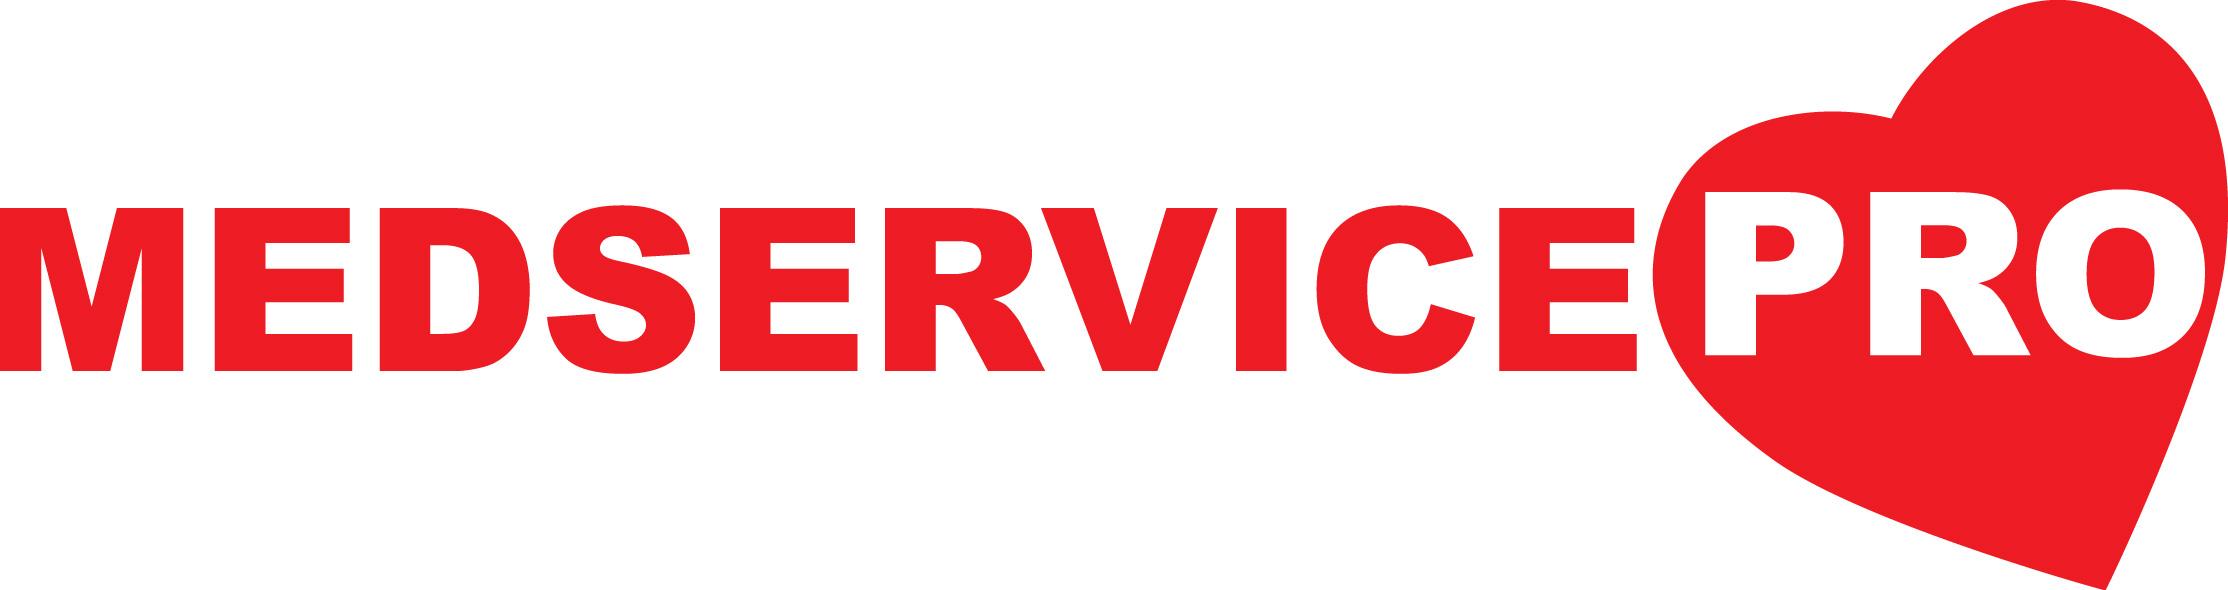 MEDSERVICE PRO logo